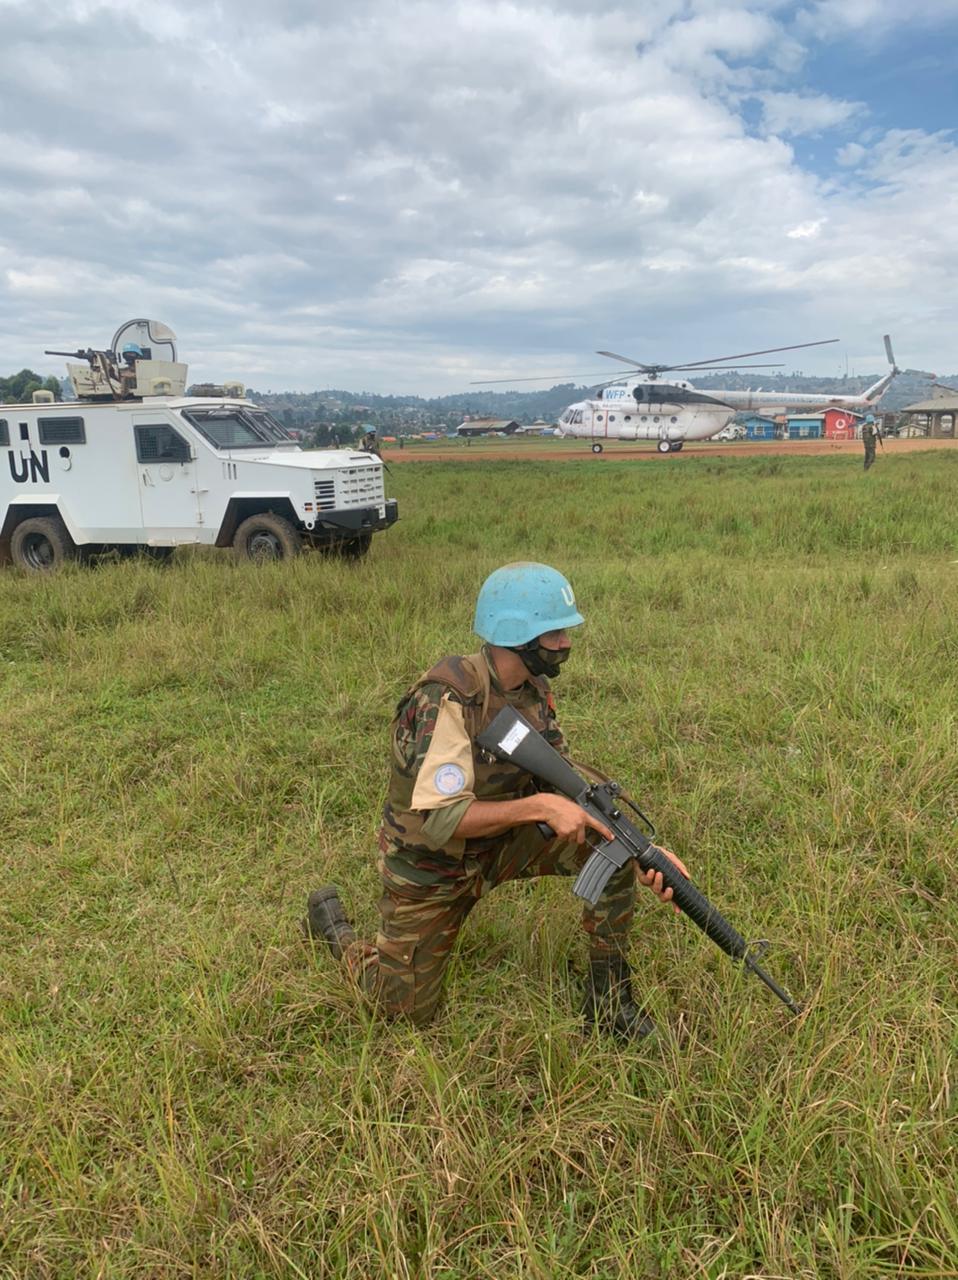 Maintien de la paix dans le monde - Les FAR en République Centrafricaine - RCA (MINUSCA) - Page 20 Eysx6510